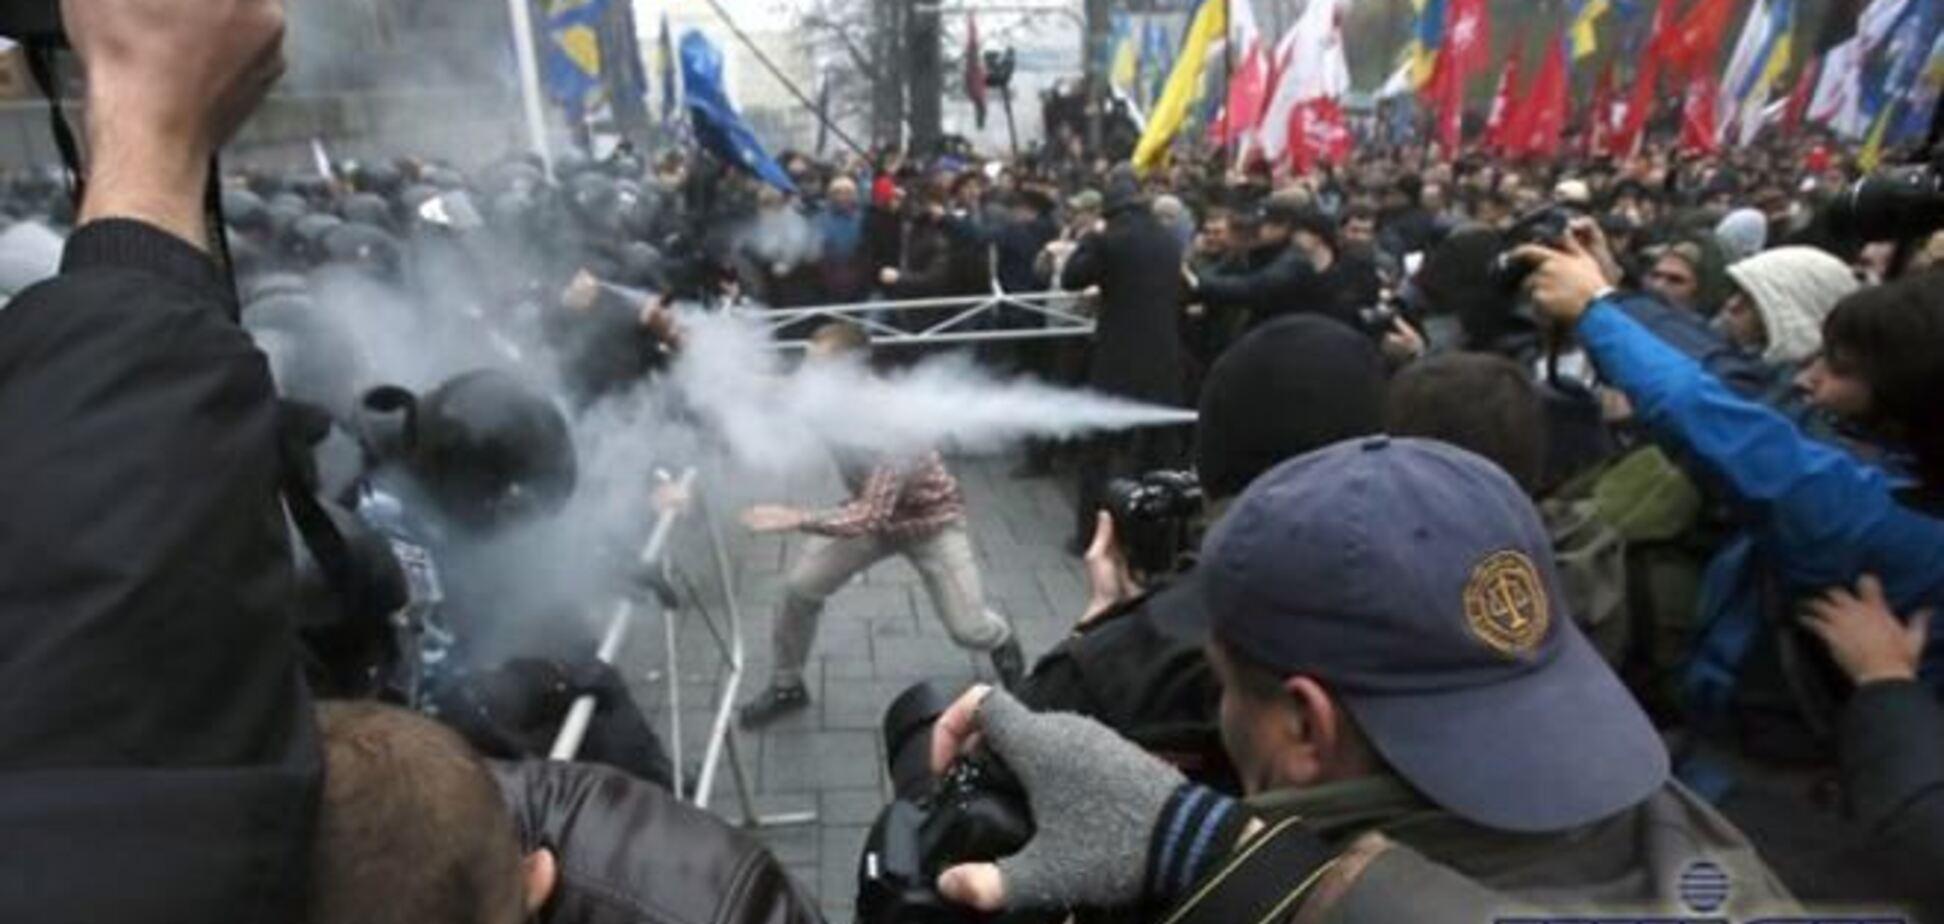 Оппозиционер обвинил 'Свободу' в провокациях на Евромайдане